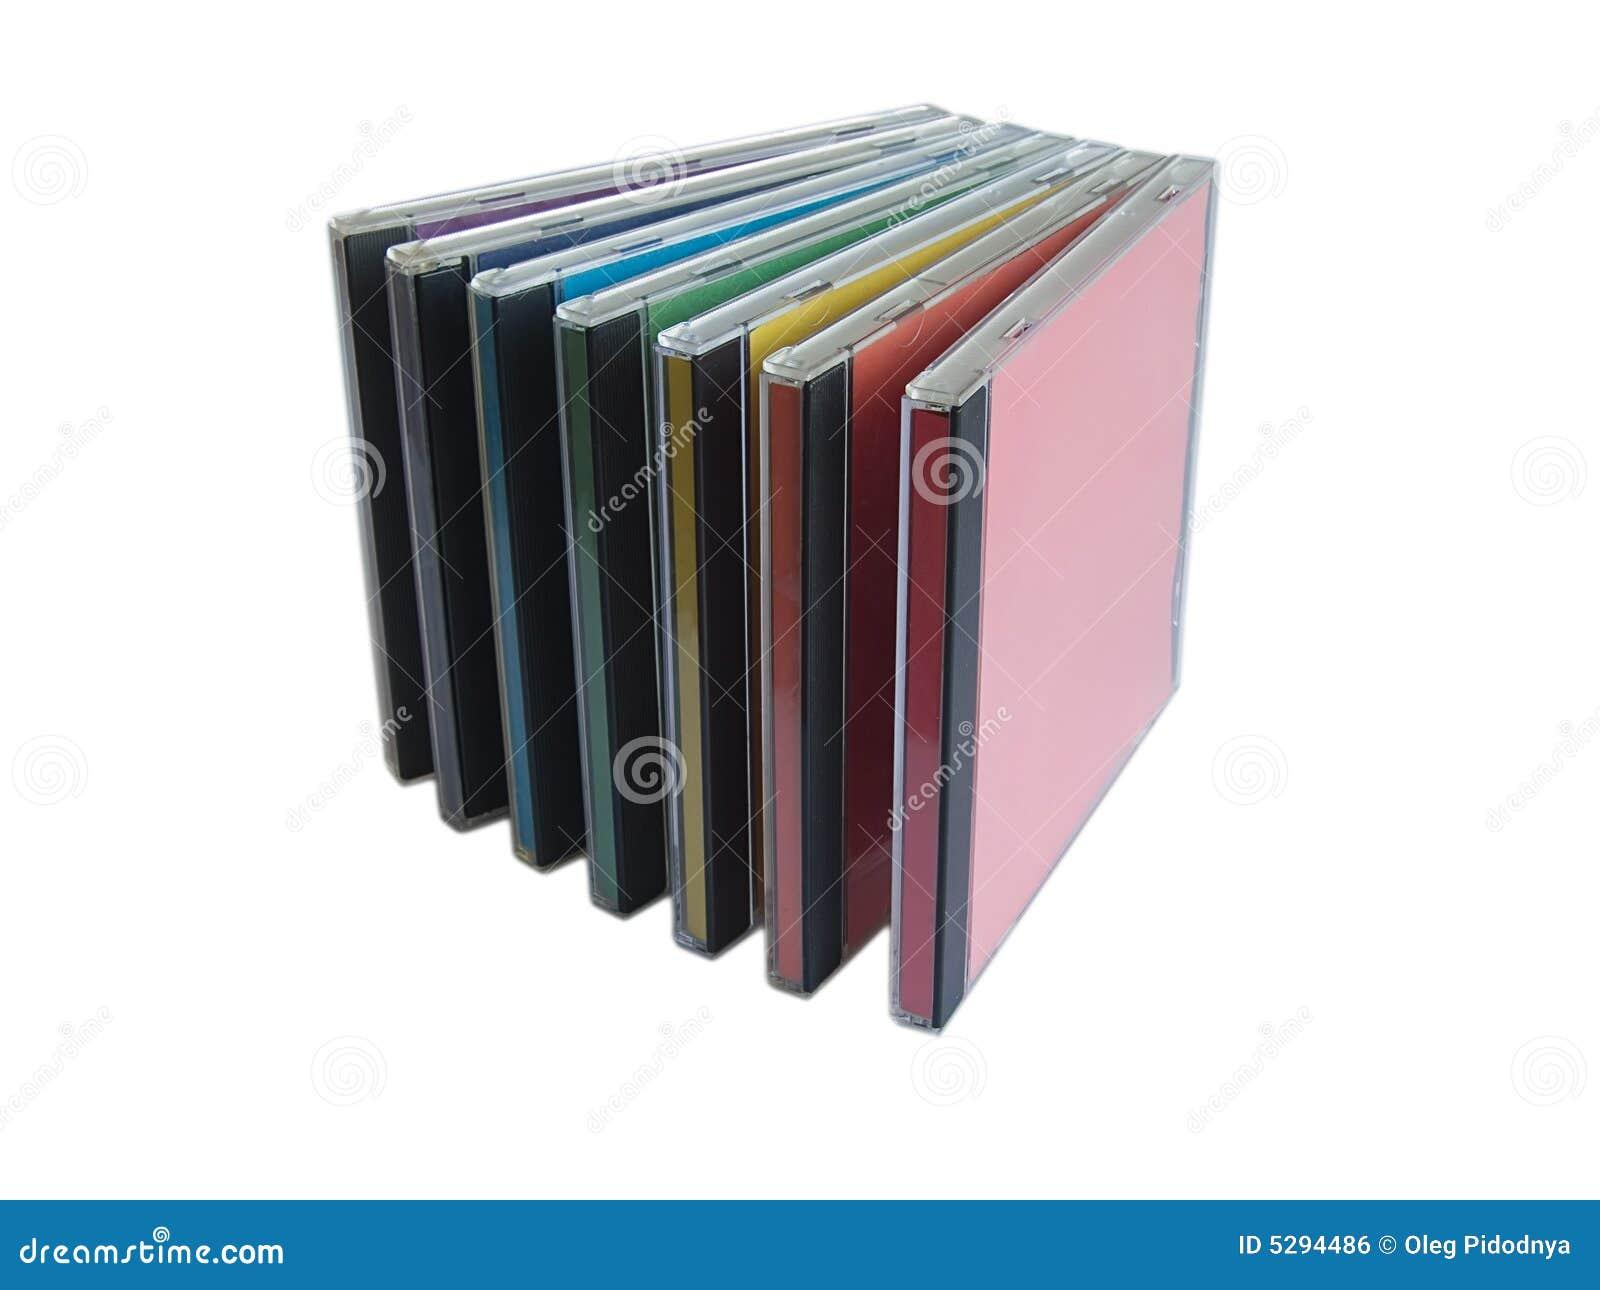 cd box stock illustration illustration of cristal covers 5294486. Black Bedroom Furniture Sets. Home Design Ideas